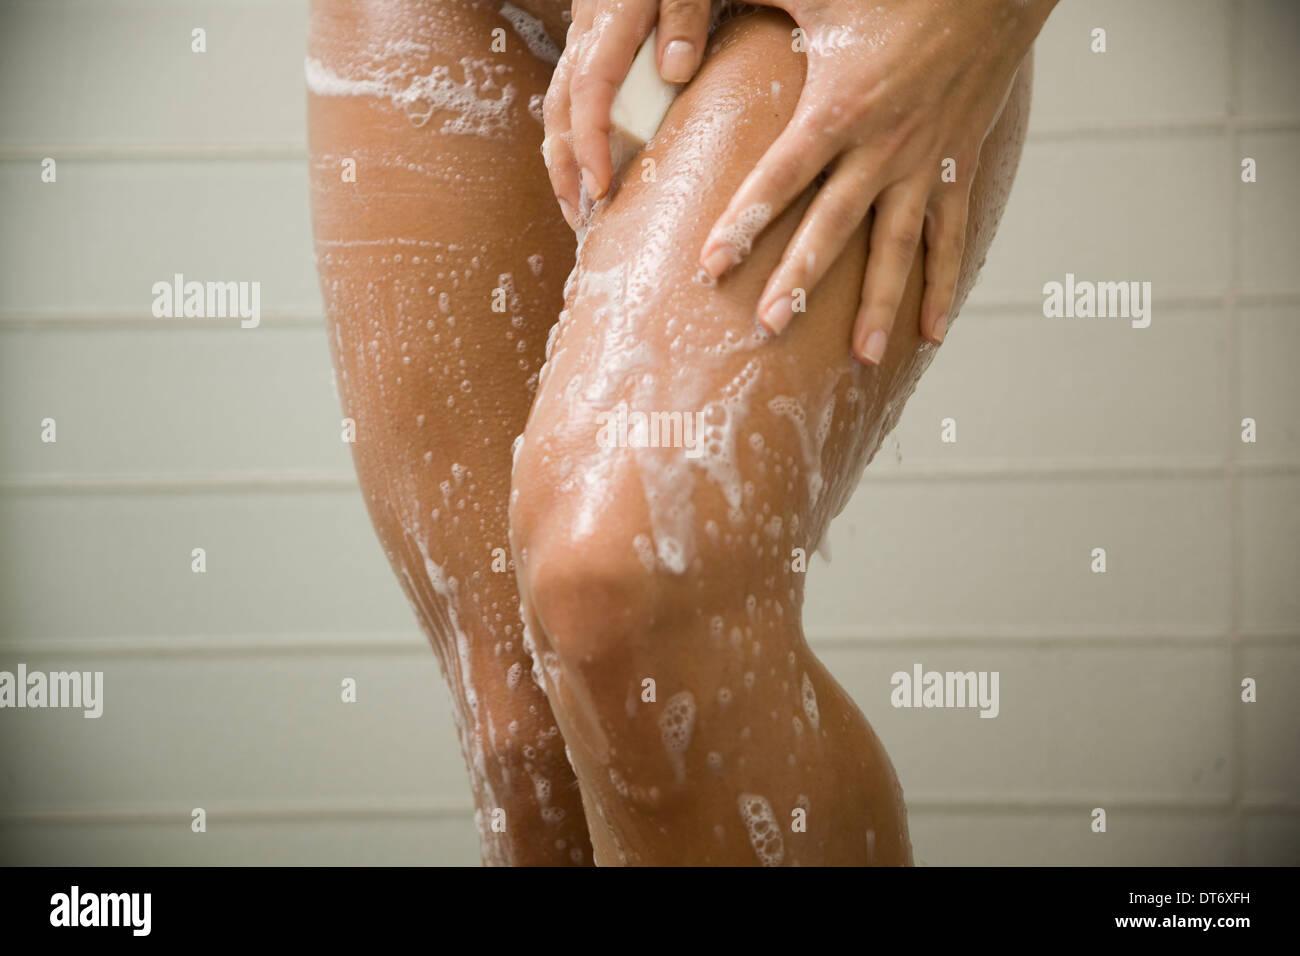 Mujeres Musulmanas Desnudas ducha, mujeres desnudas, niña fotografía de stock - alamy